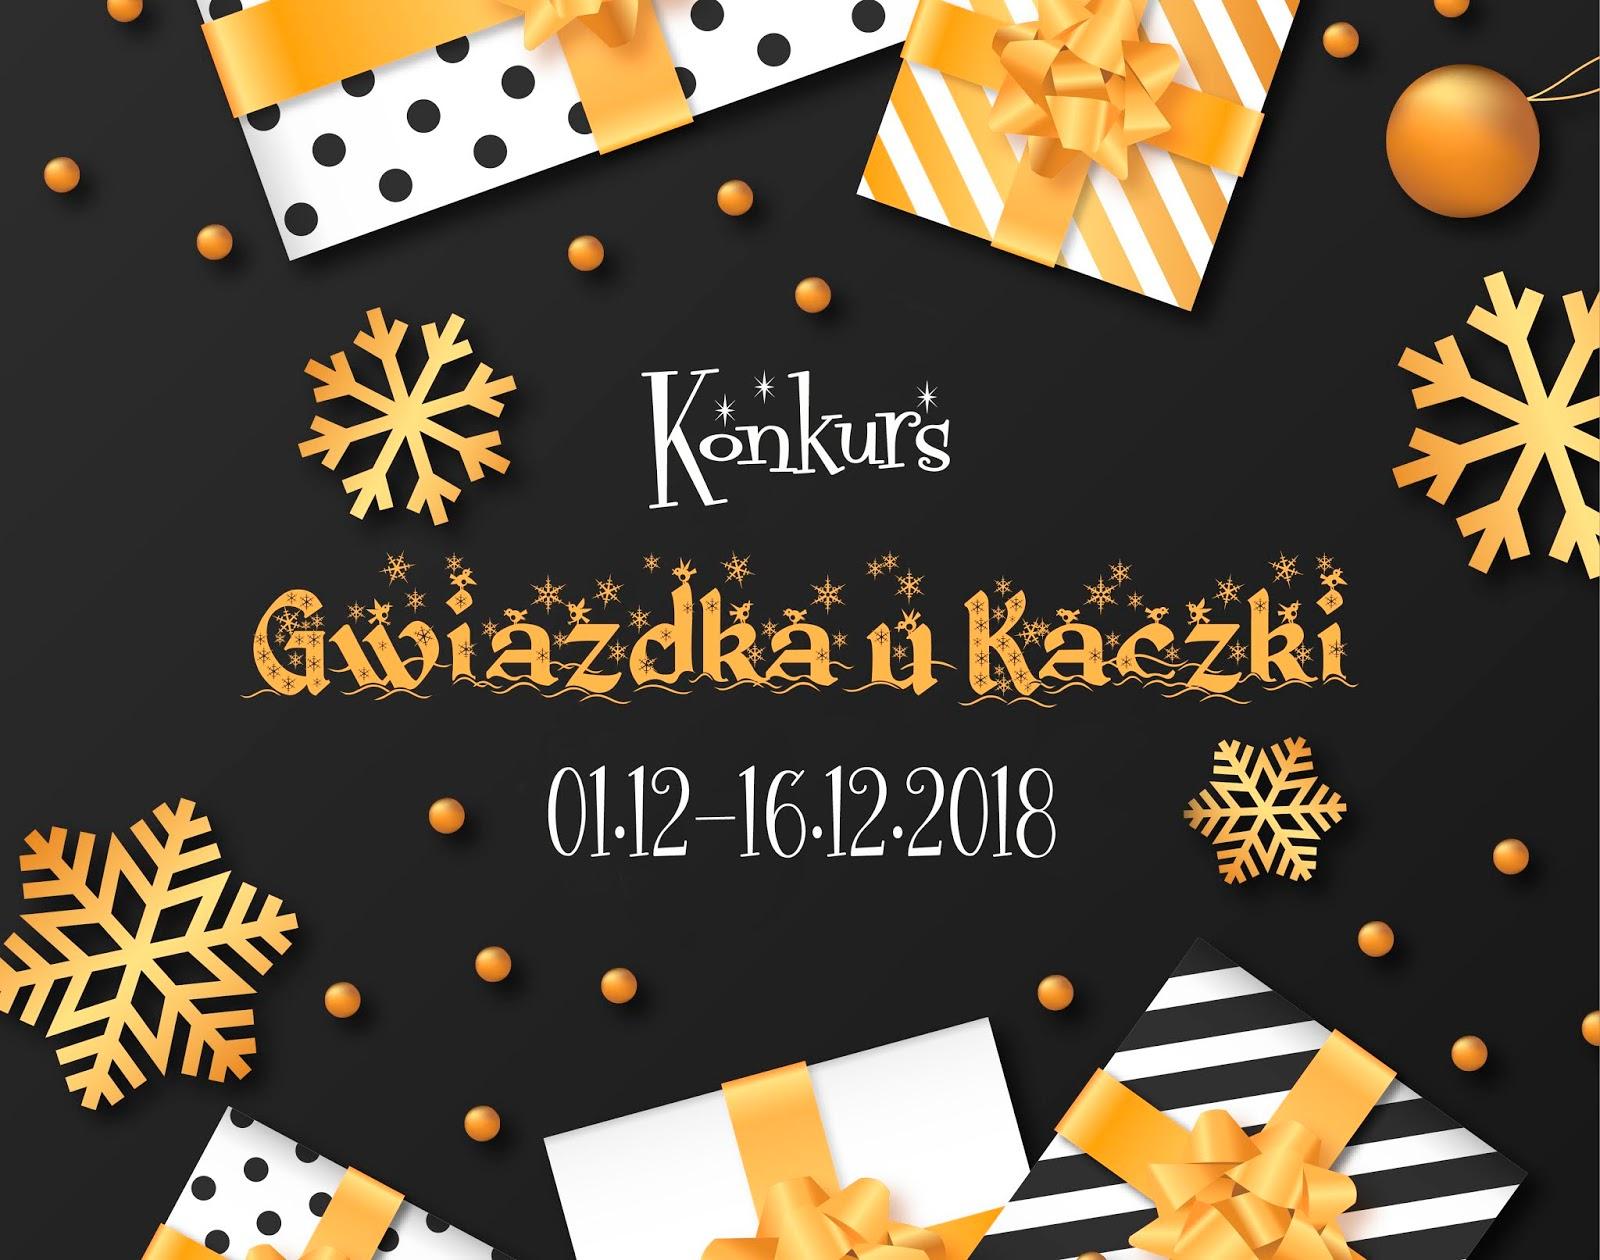 Konkurs Gwiazdka u Kaczki już po raz szósty - 2 zestawy do wygrania